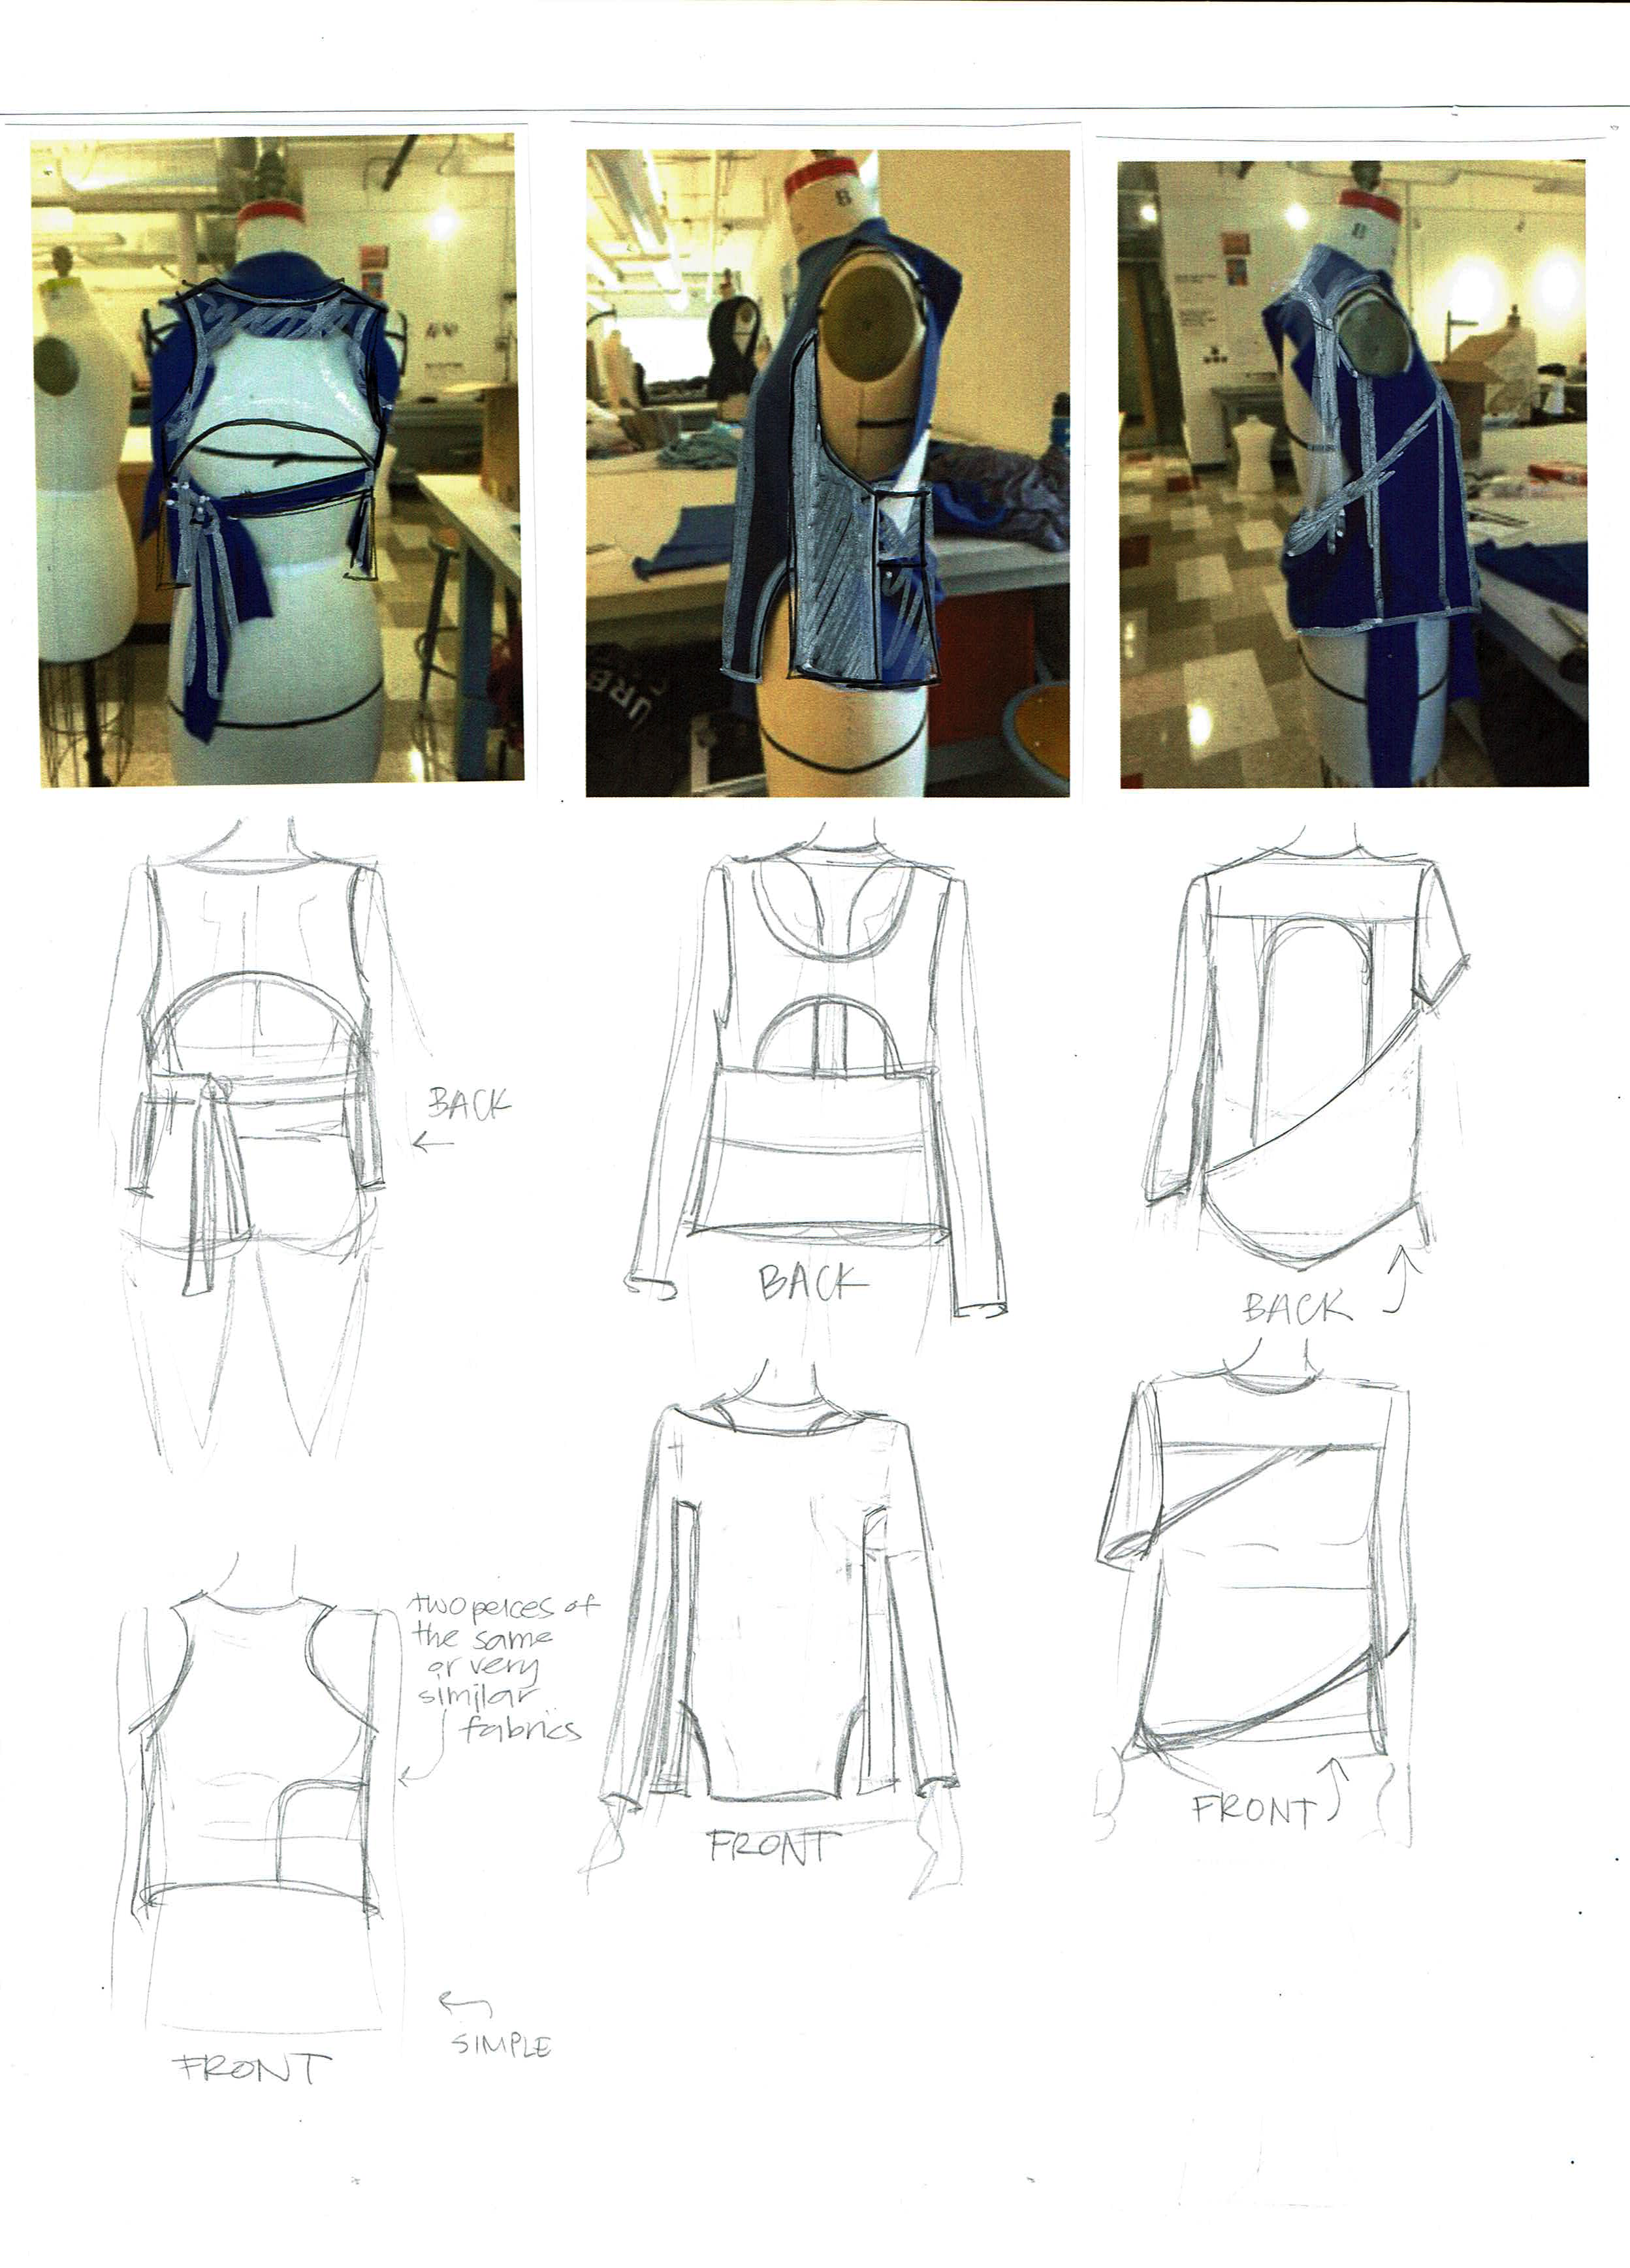 drapes2.png